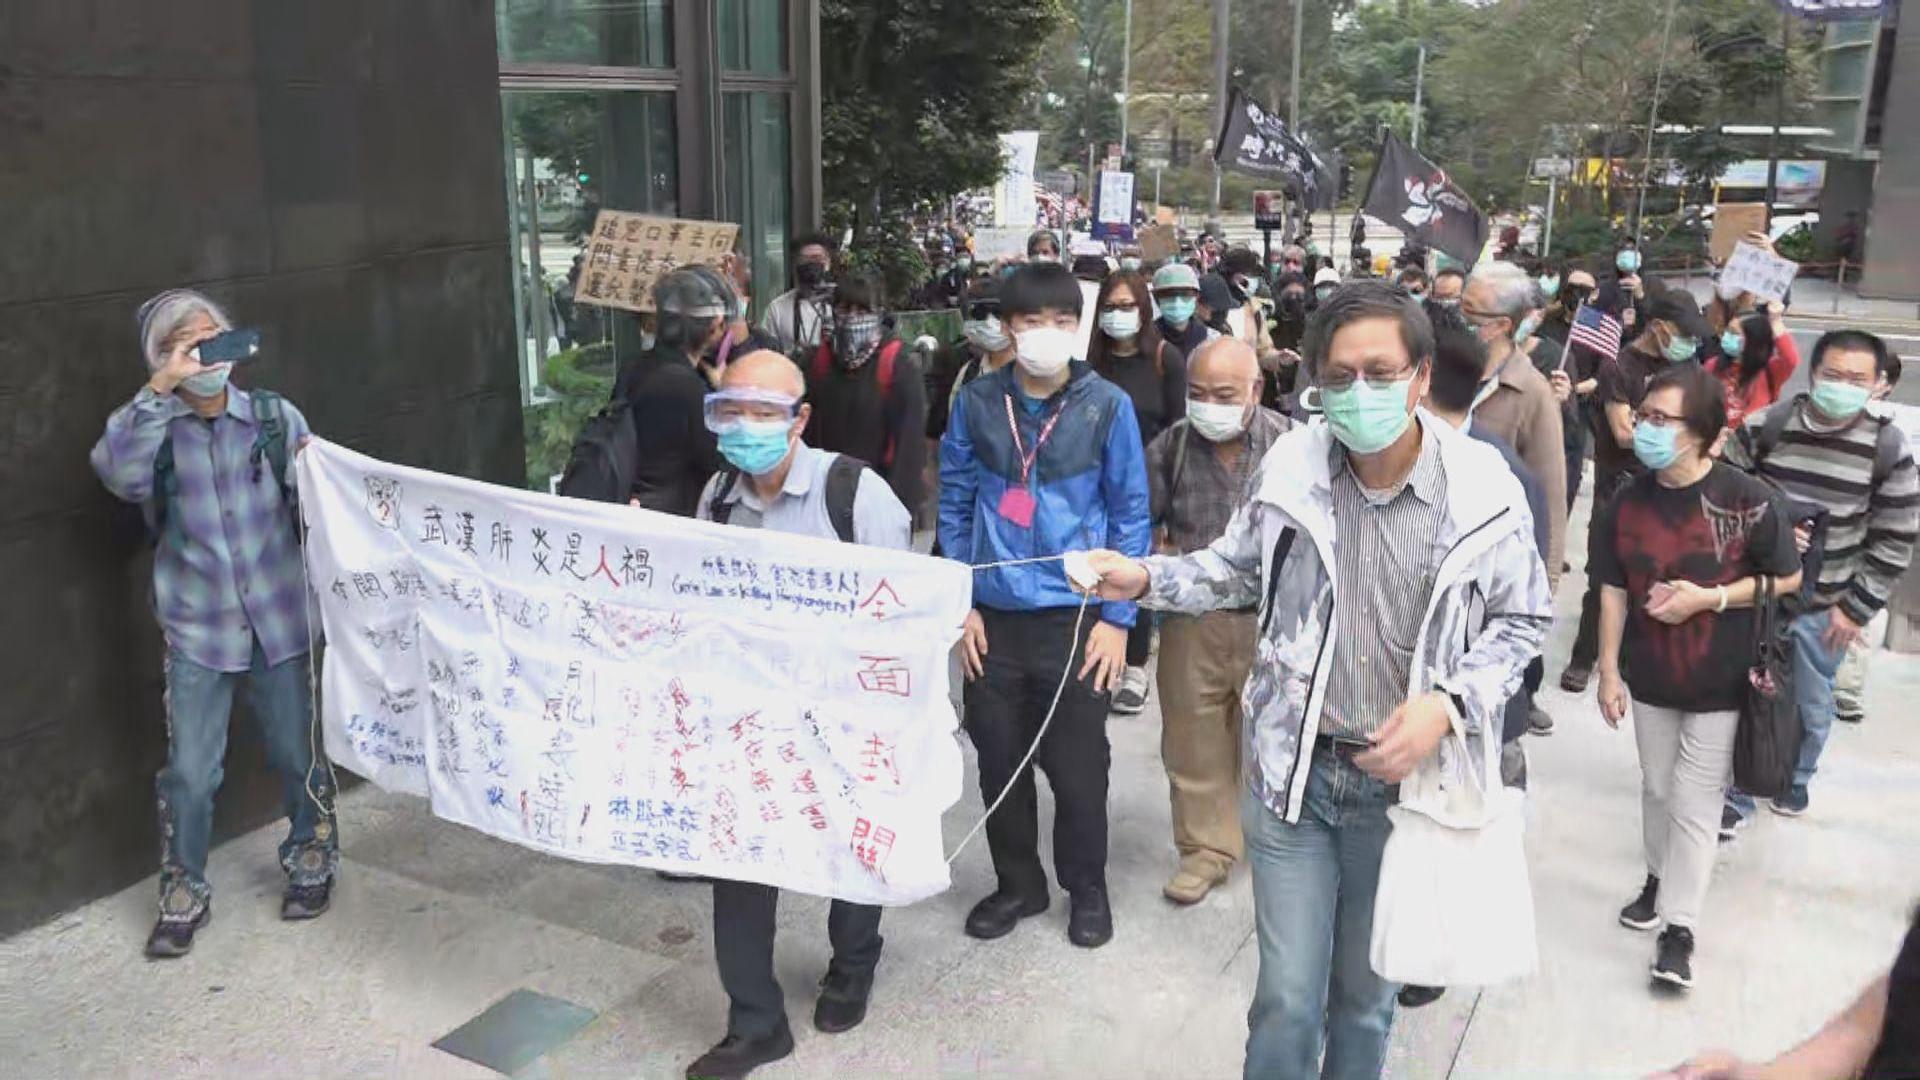 銀髮族遊行要求政府交代懲教署口罩去向